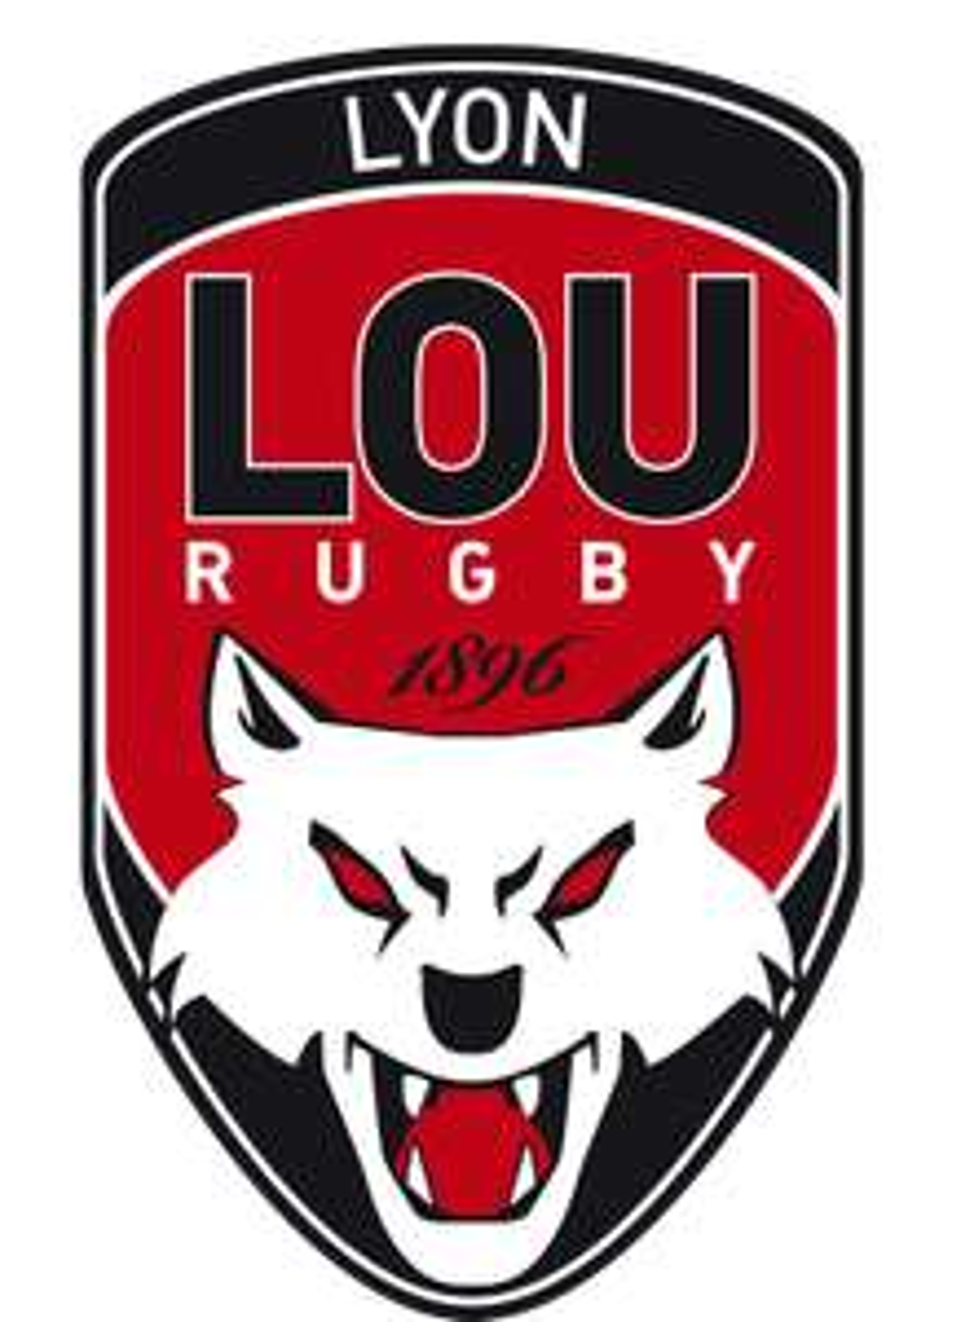 Billet gratuit pour le match de rugby Lyon OU/ Racing 92 - le dimanche 25 mars (21 h), au Matmut Stadium Gerland de Lyon (69)